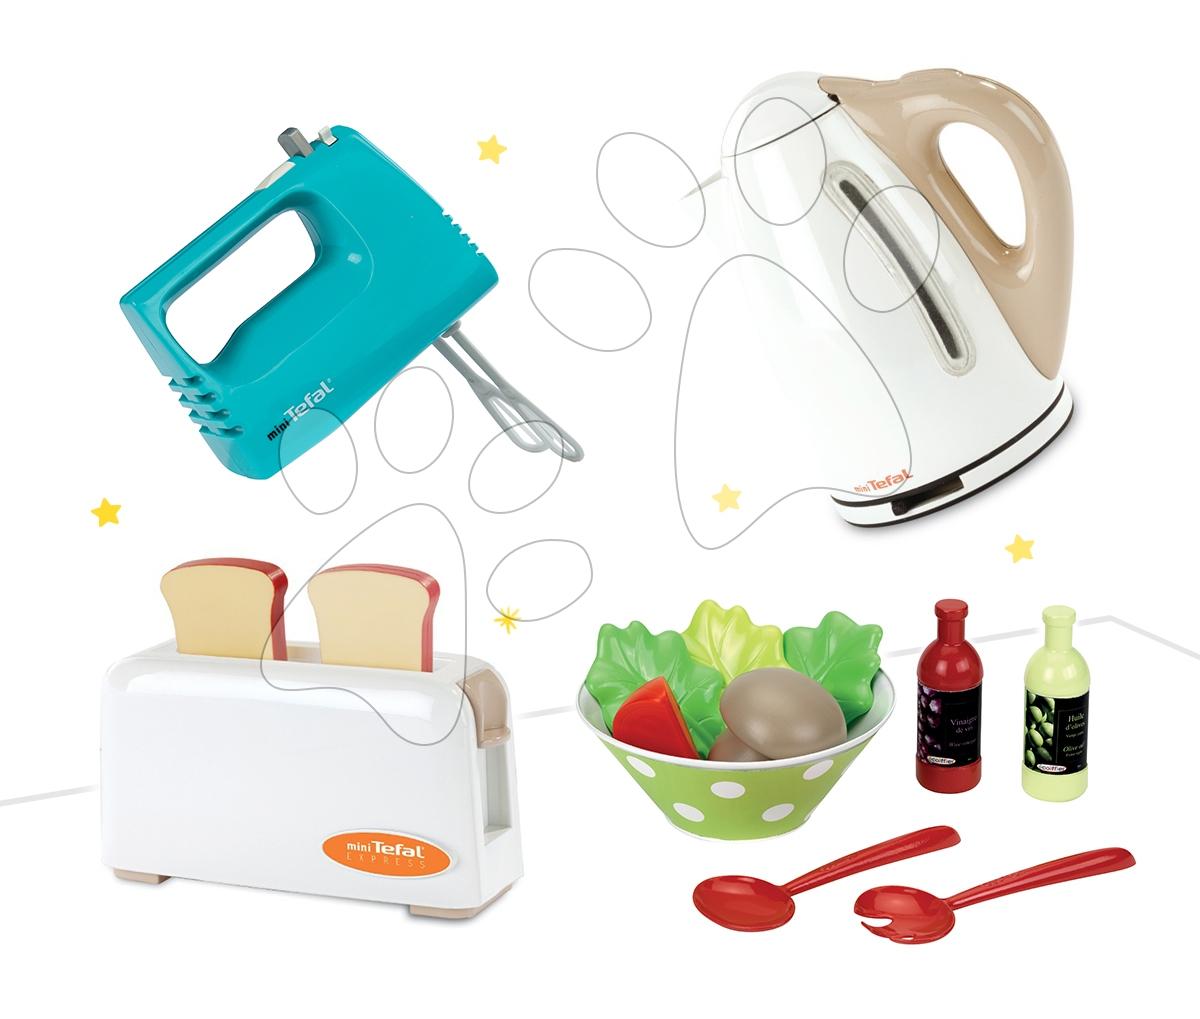 Set dětský toaster Mini Tefal Smoby, ruční mixér Tefal, rychlovarná konvice Tefal a miska se zeleninou